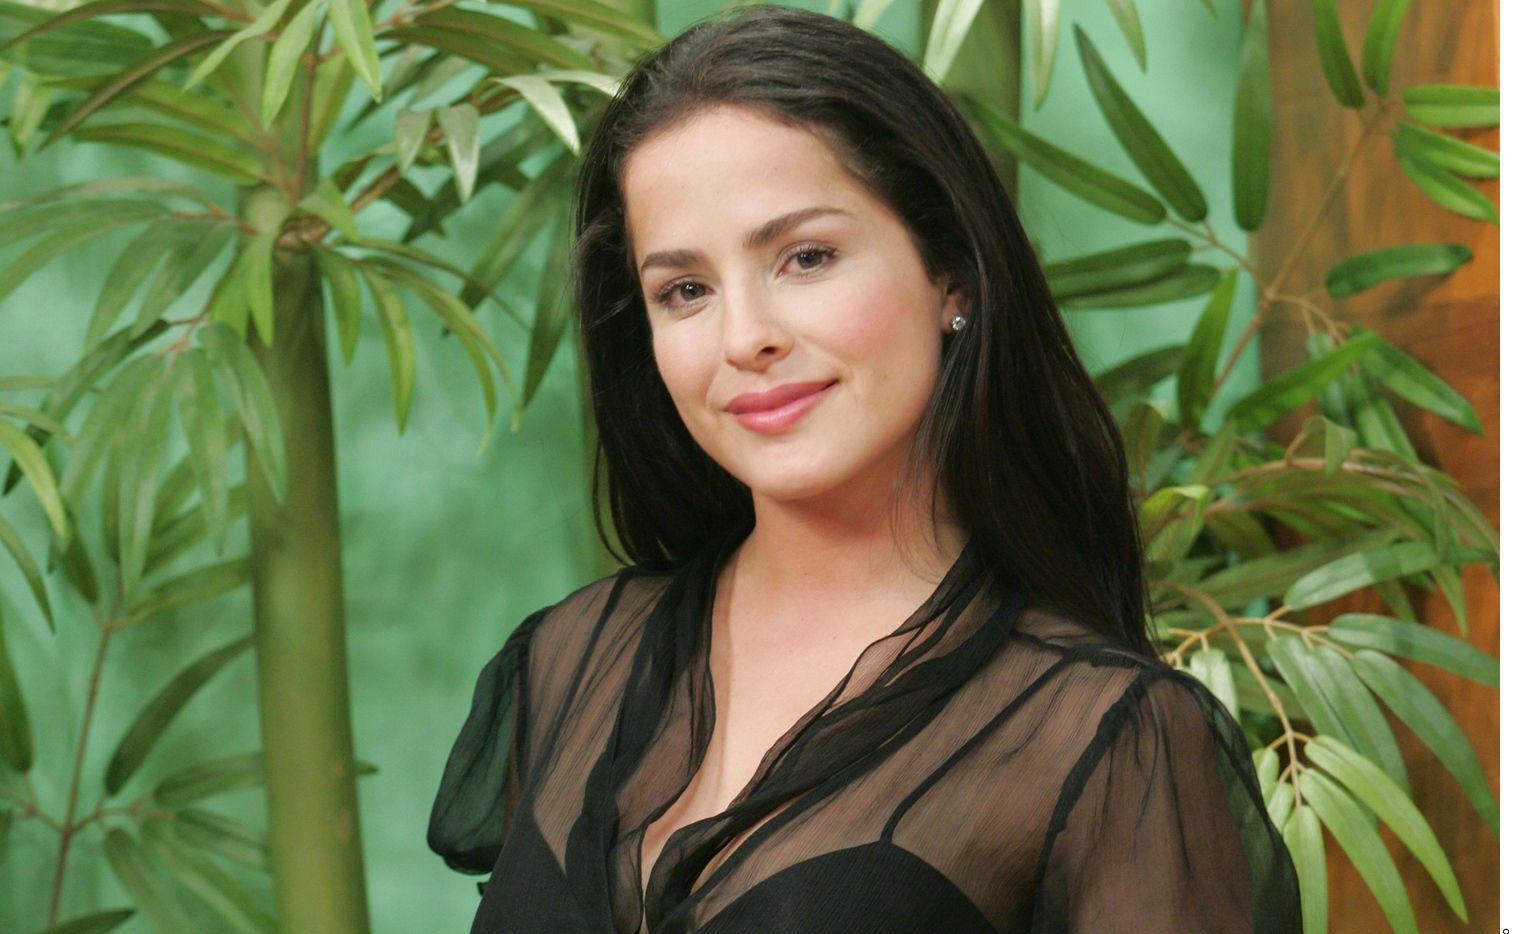 Danna García, conocida por su papel en telenovelas colombianas y mexicanas, sigue con coronavirus tras dos meses.